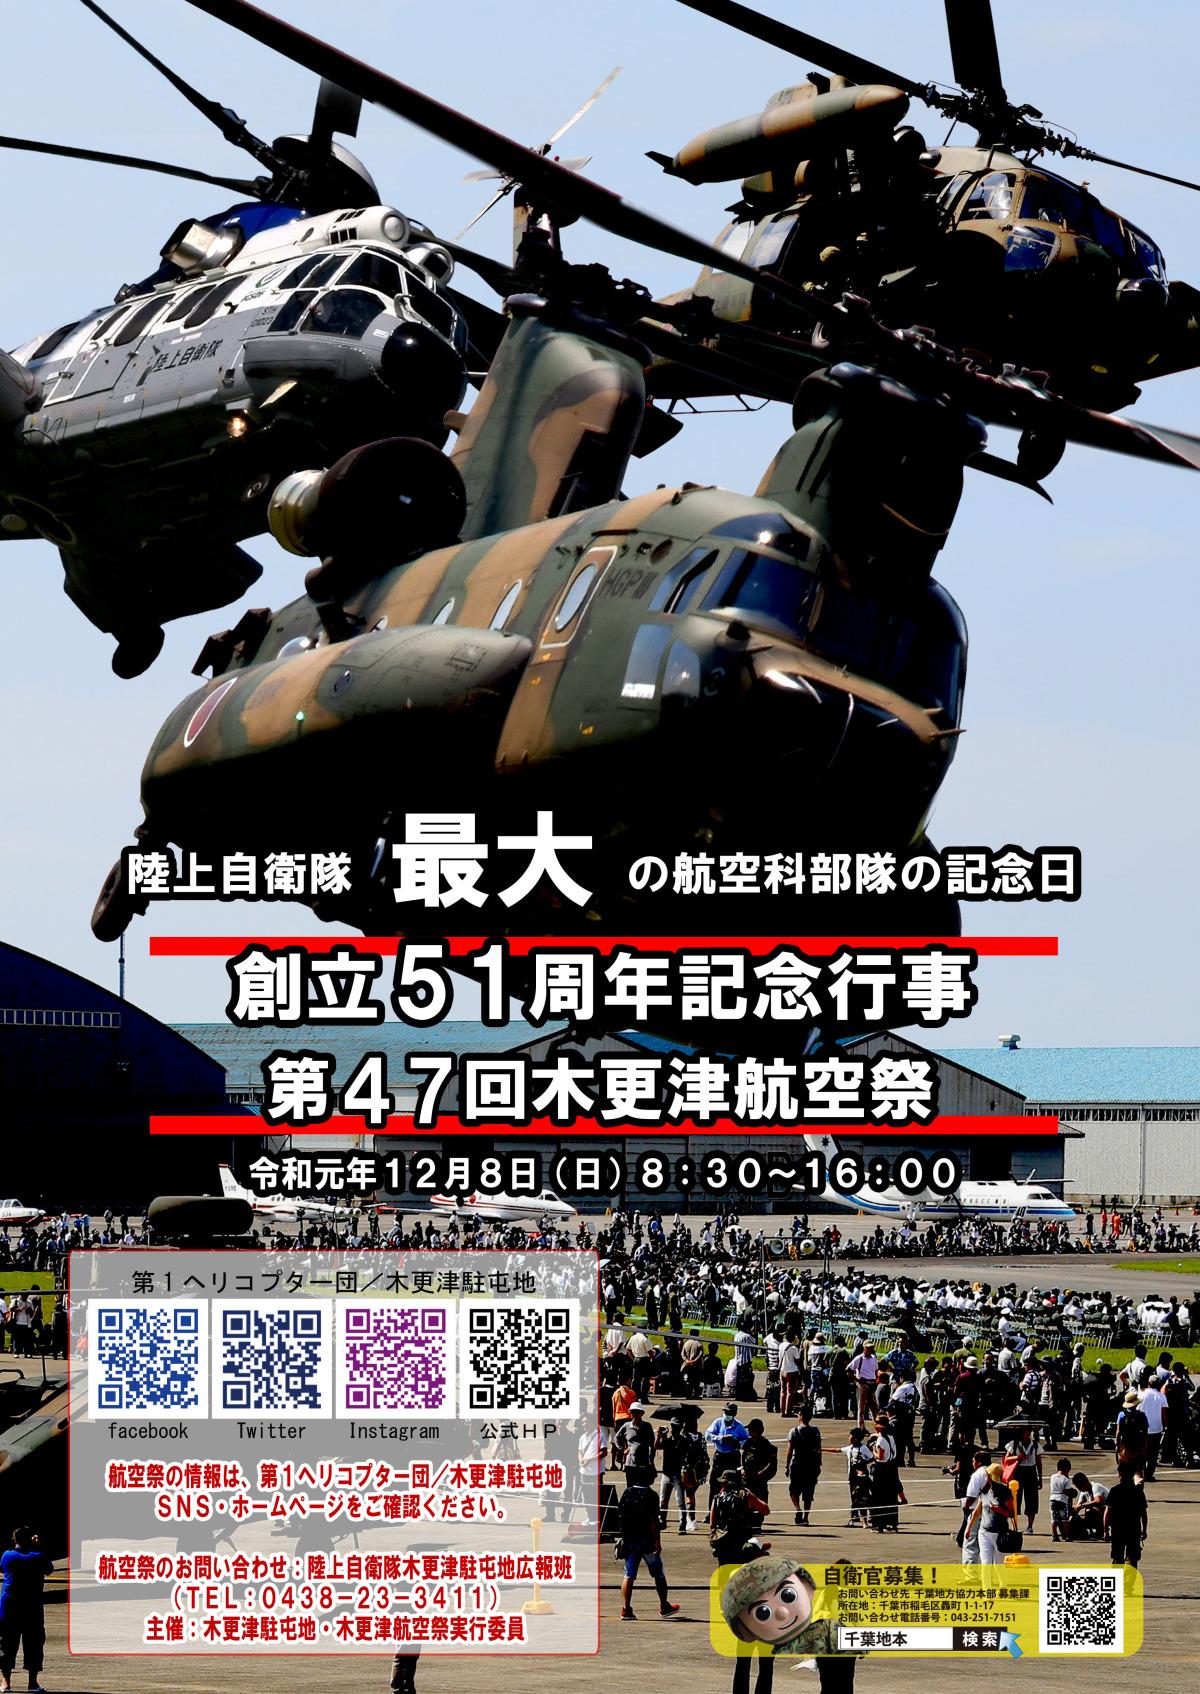 ニュース画像 1枚目:木更津駐屯地創立51周年記念行事・第47回木更津航空祭